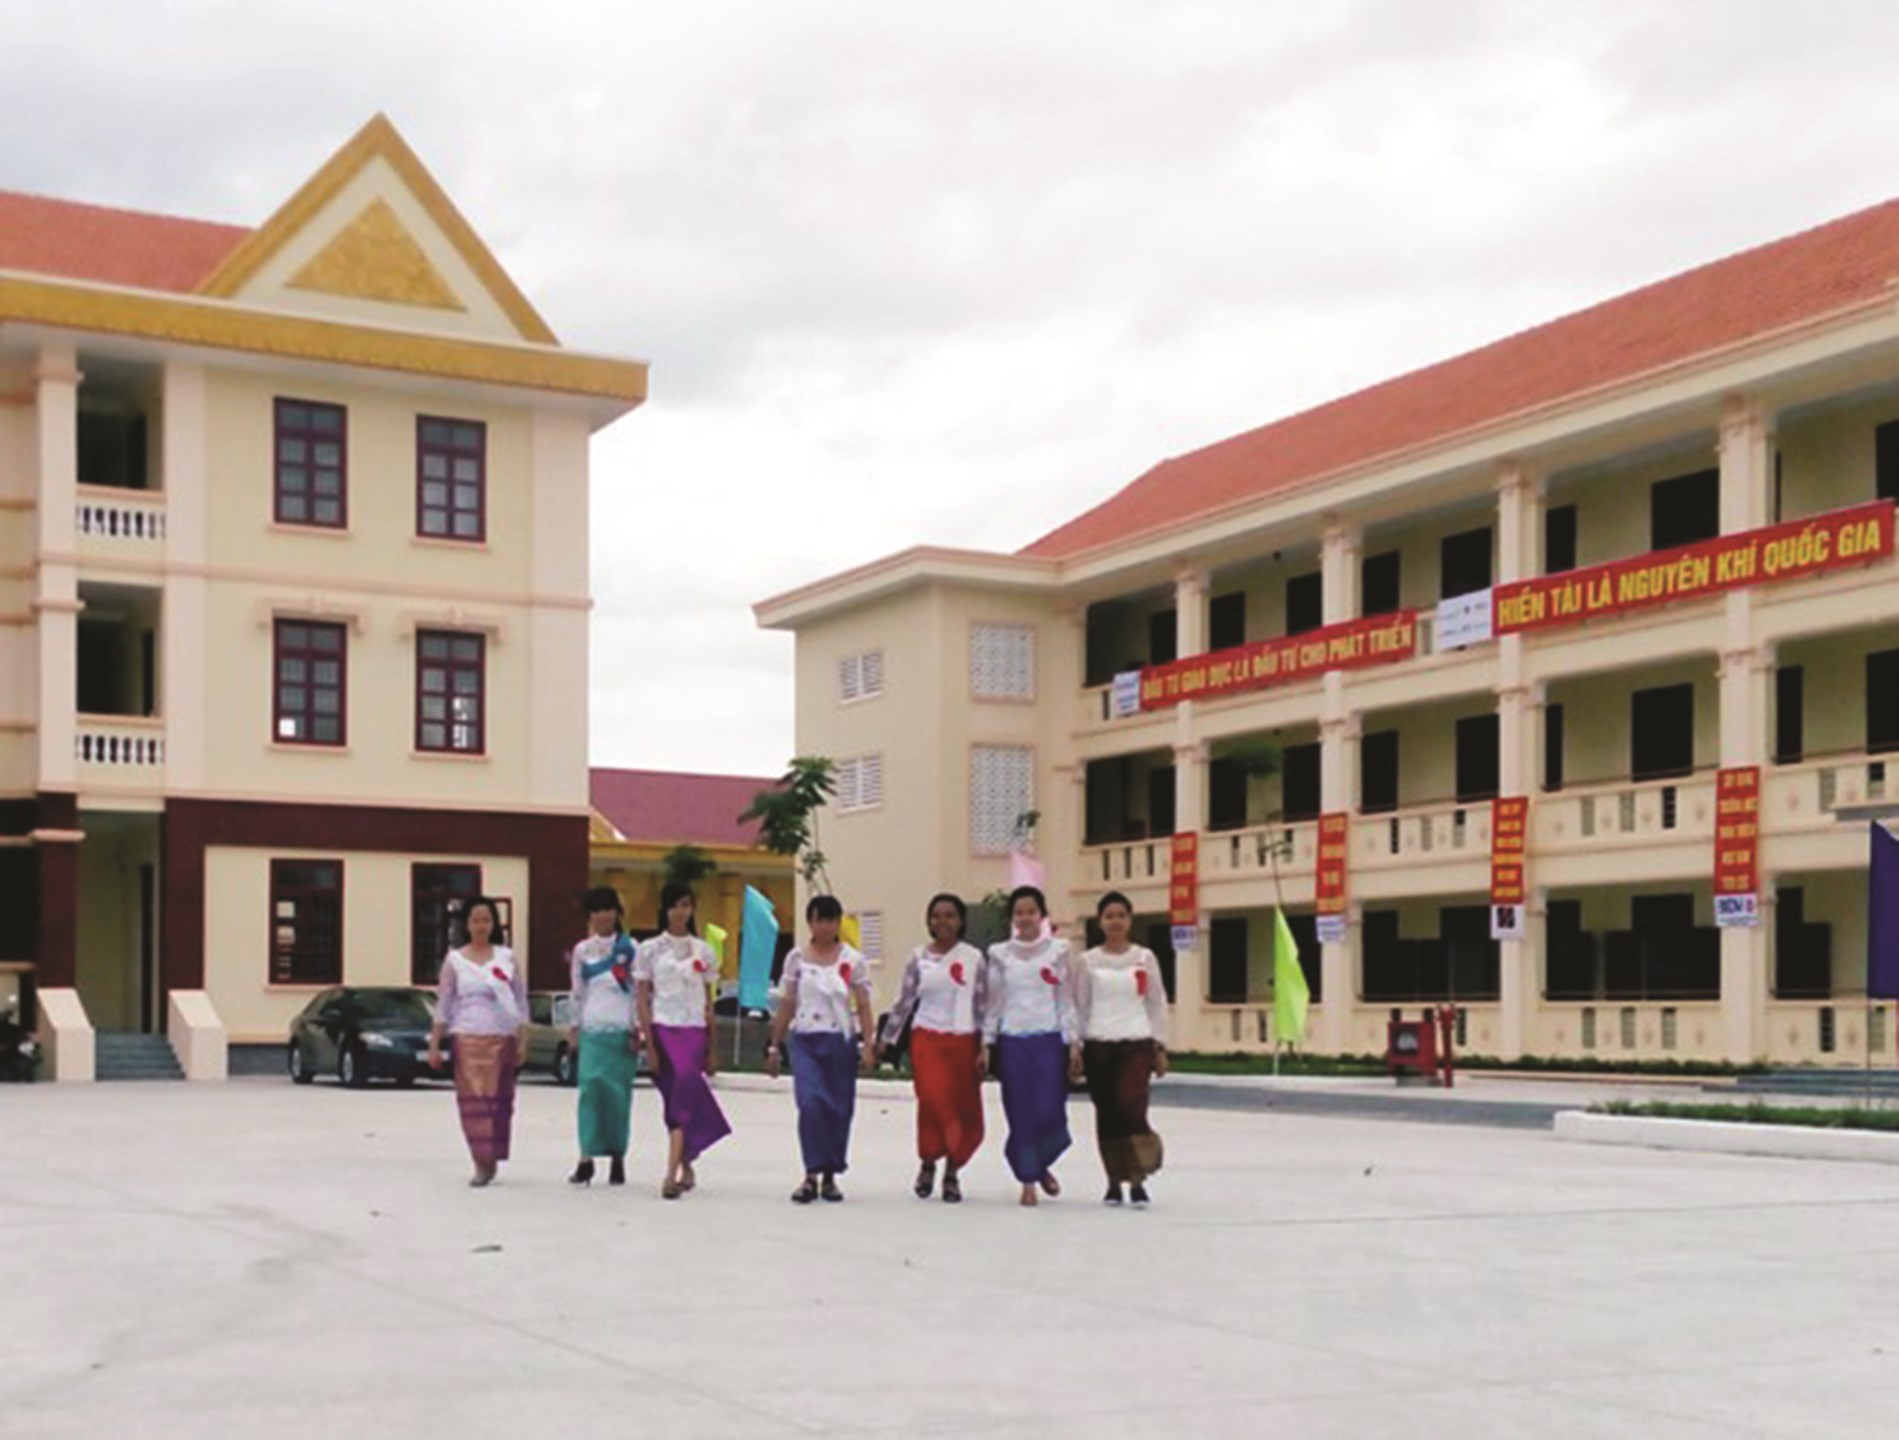 Cơ sở vật chất trường lớp từng bước được xây dựng khang trang, bảo đảm yêu cầu dạy - học. (Ảnh minh họa)